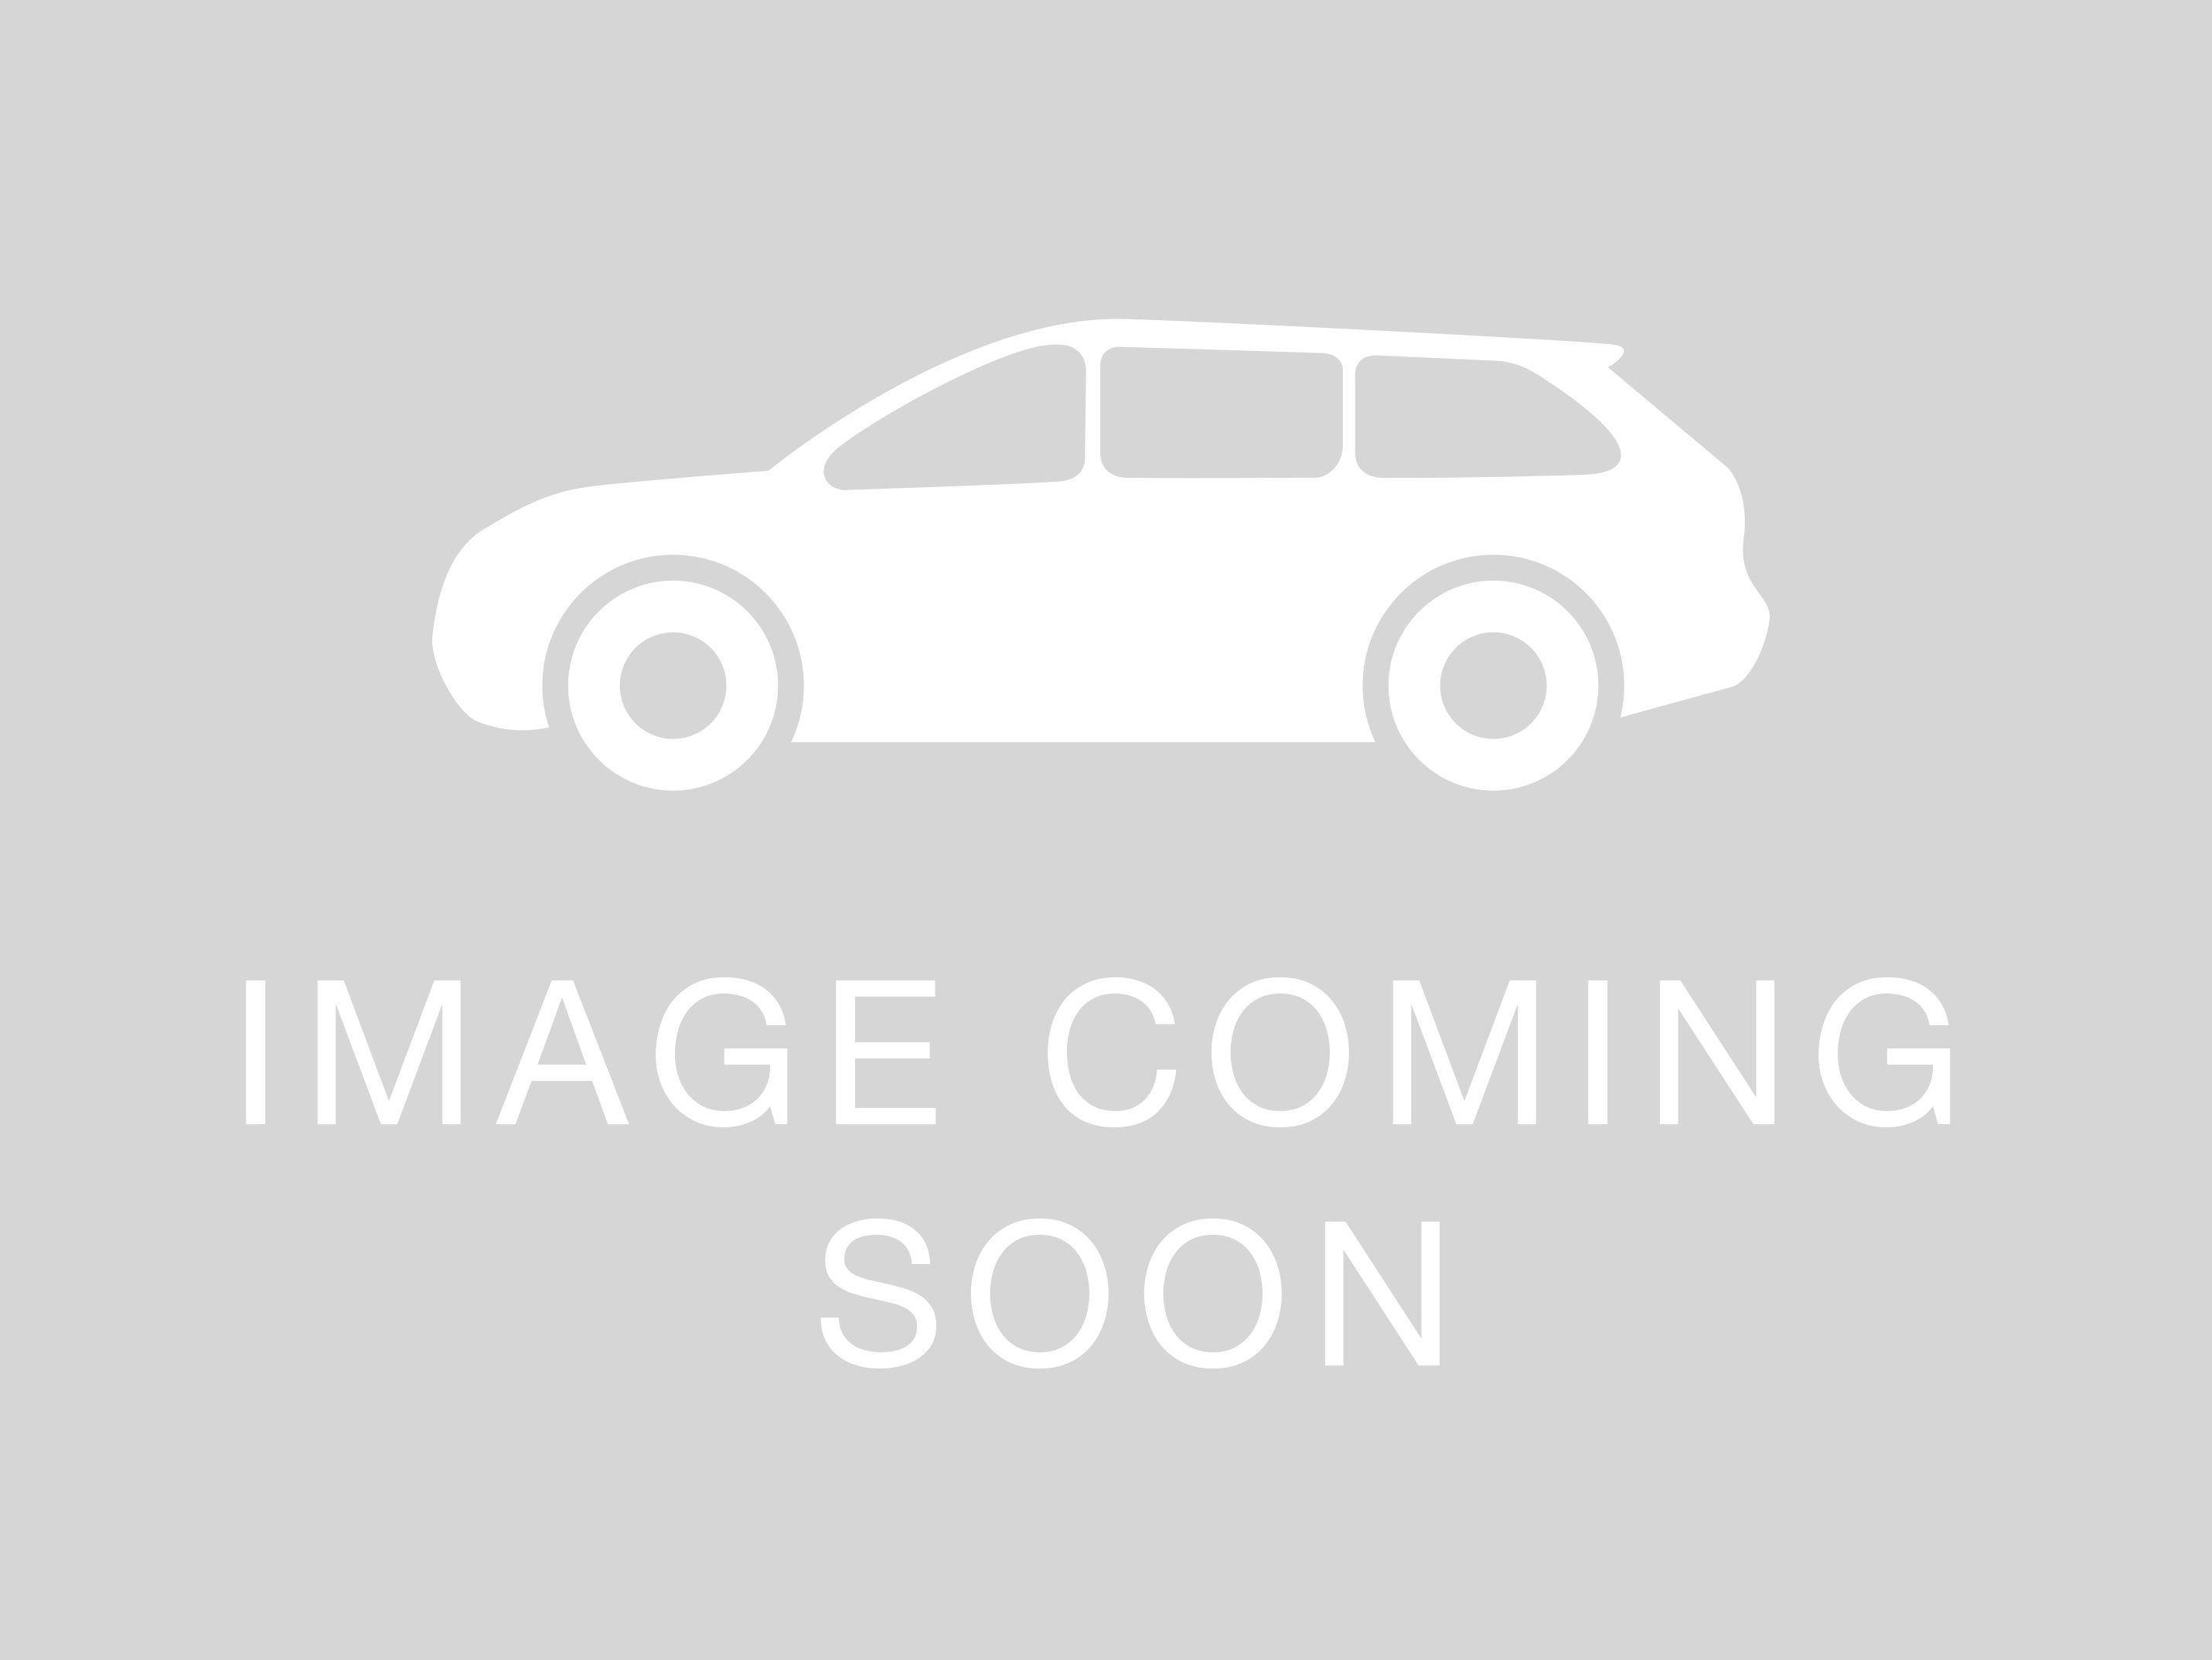 2016 BMW X5 XDrive 25d M Sport 7 Seat